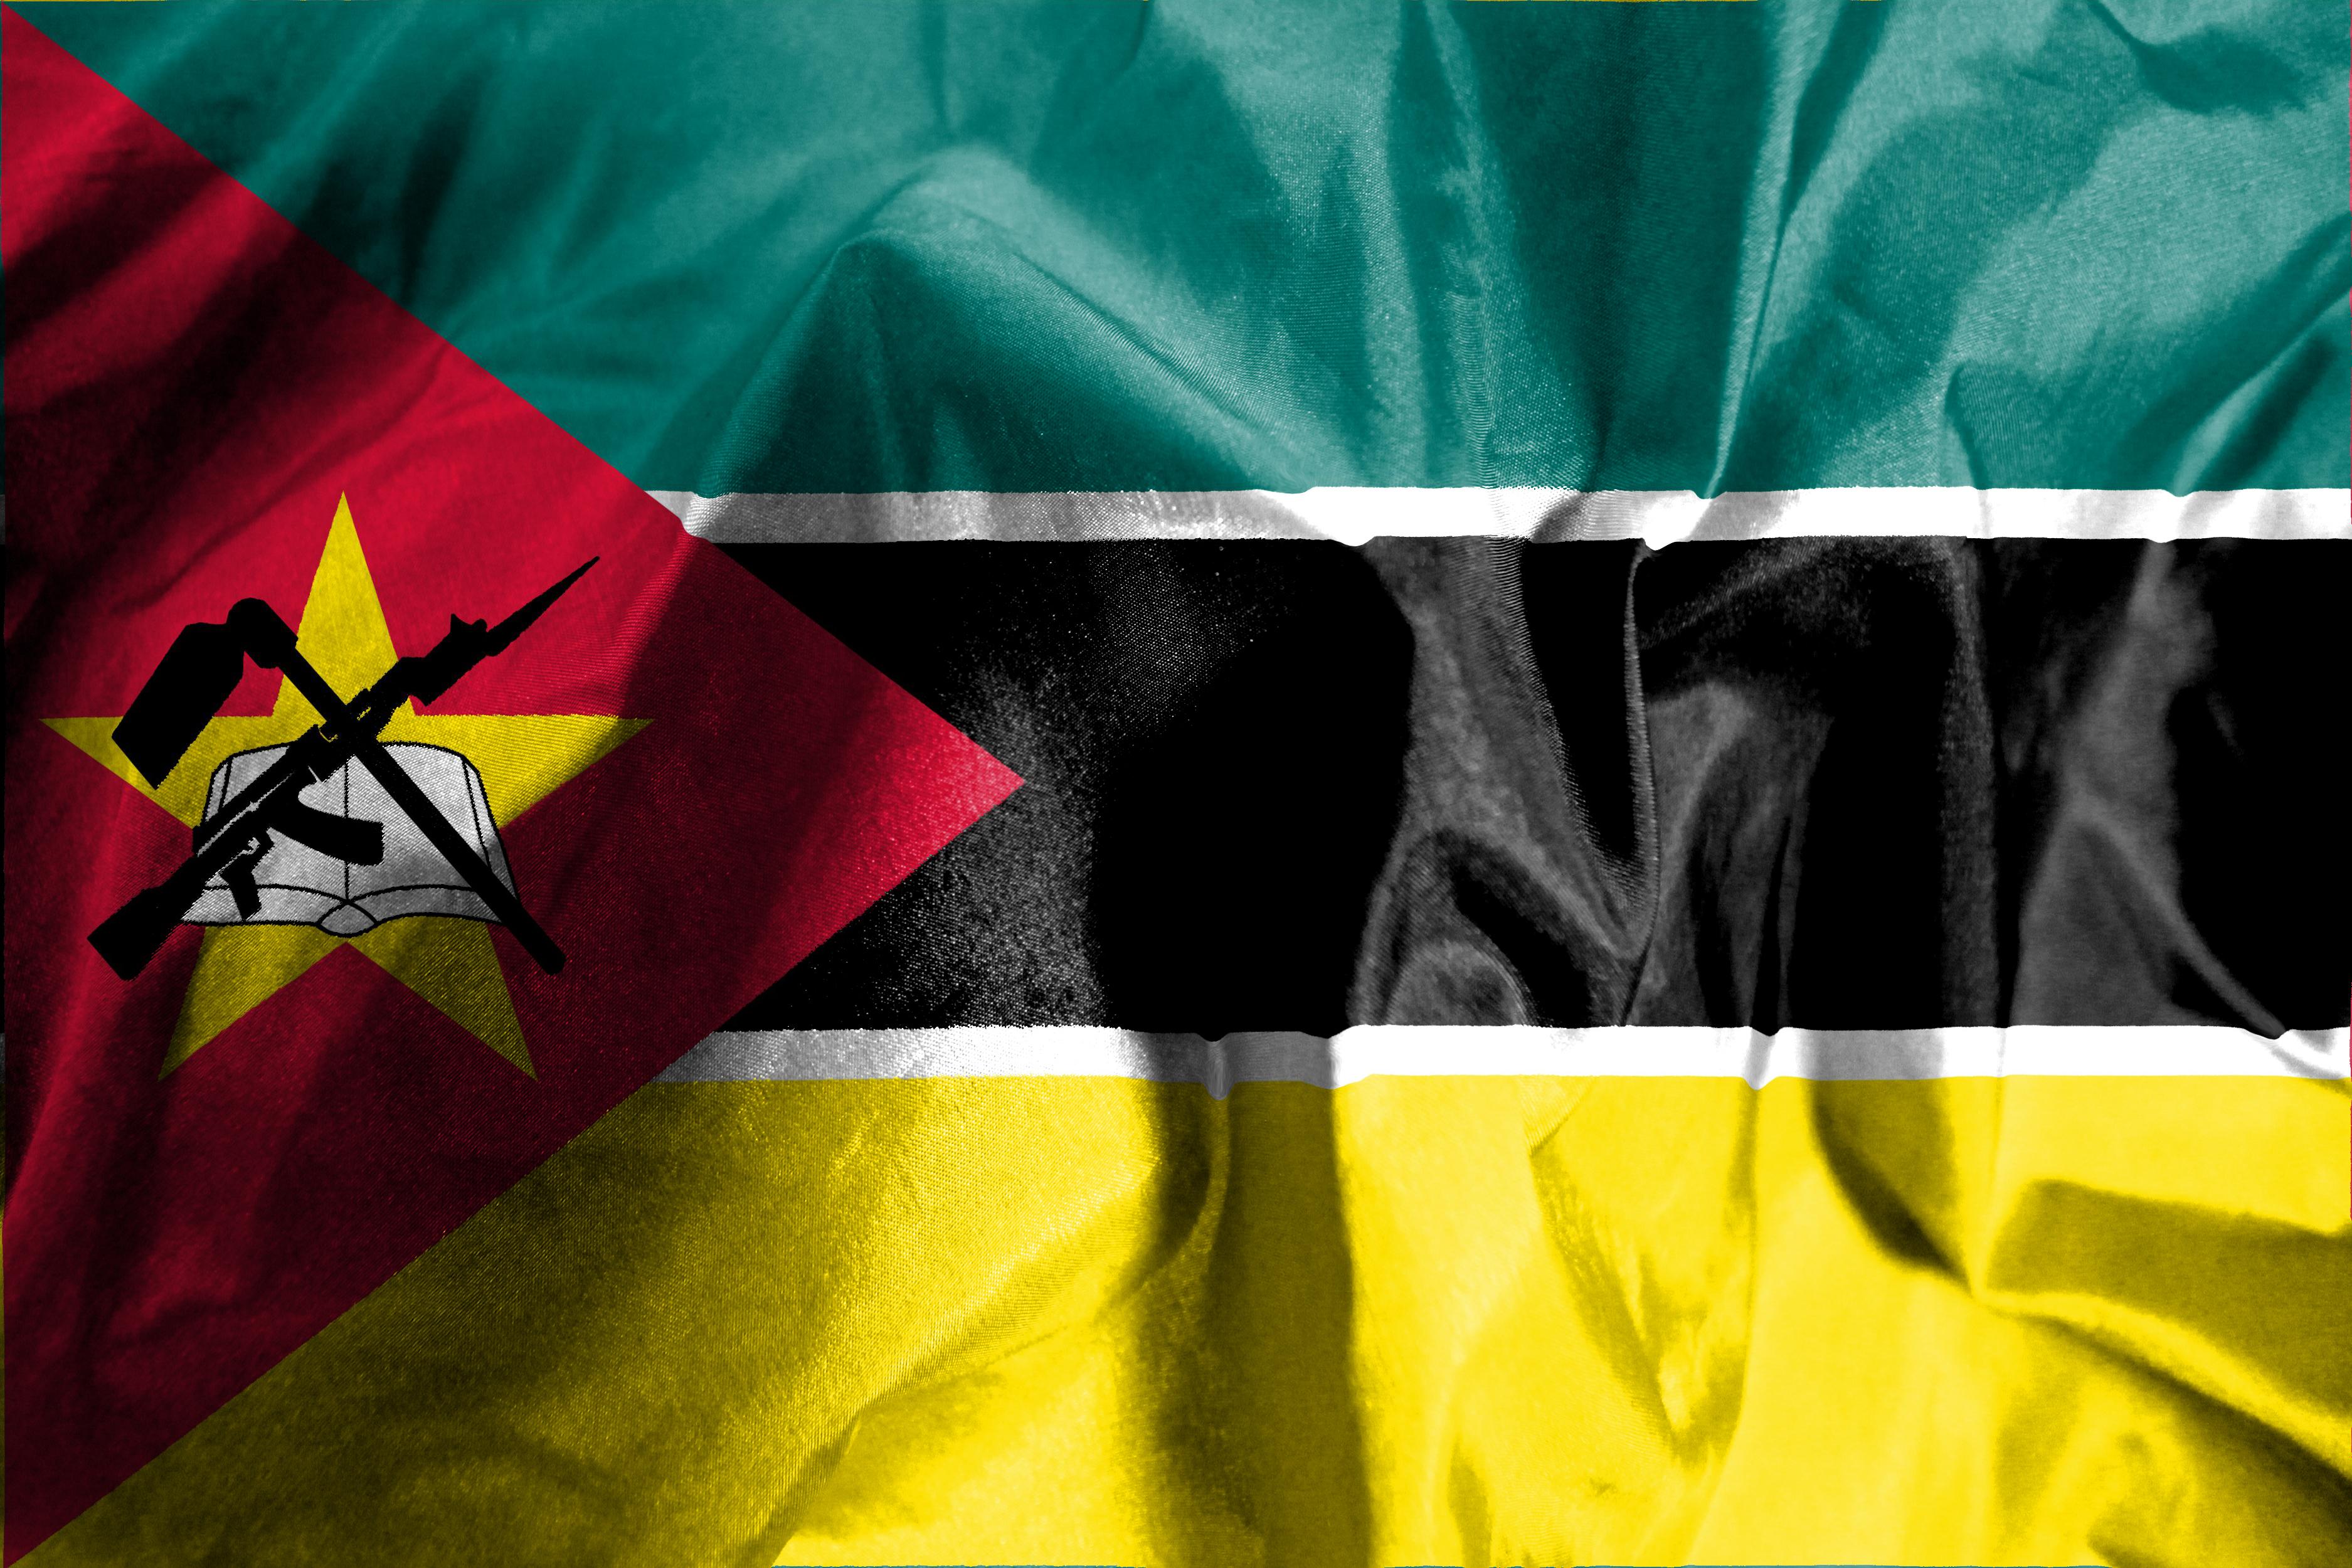 Comissão Central de Ética Pública de Moçambique diz que regulador violou a lei na venda de banco